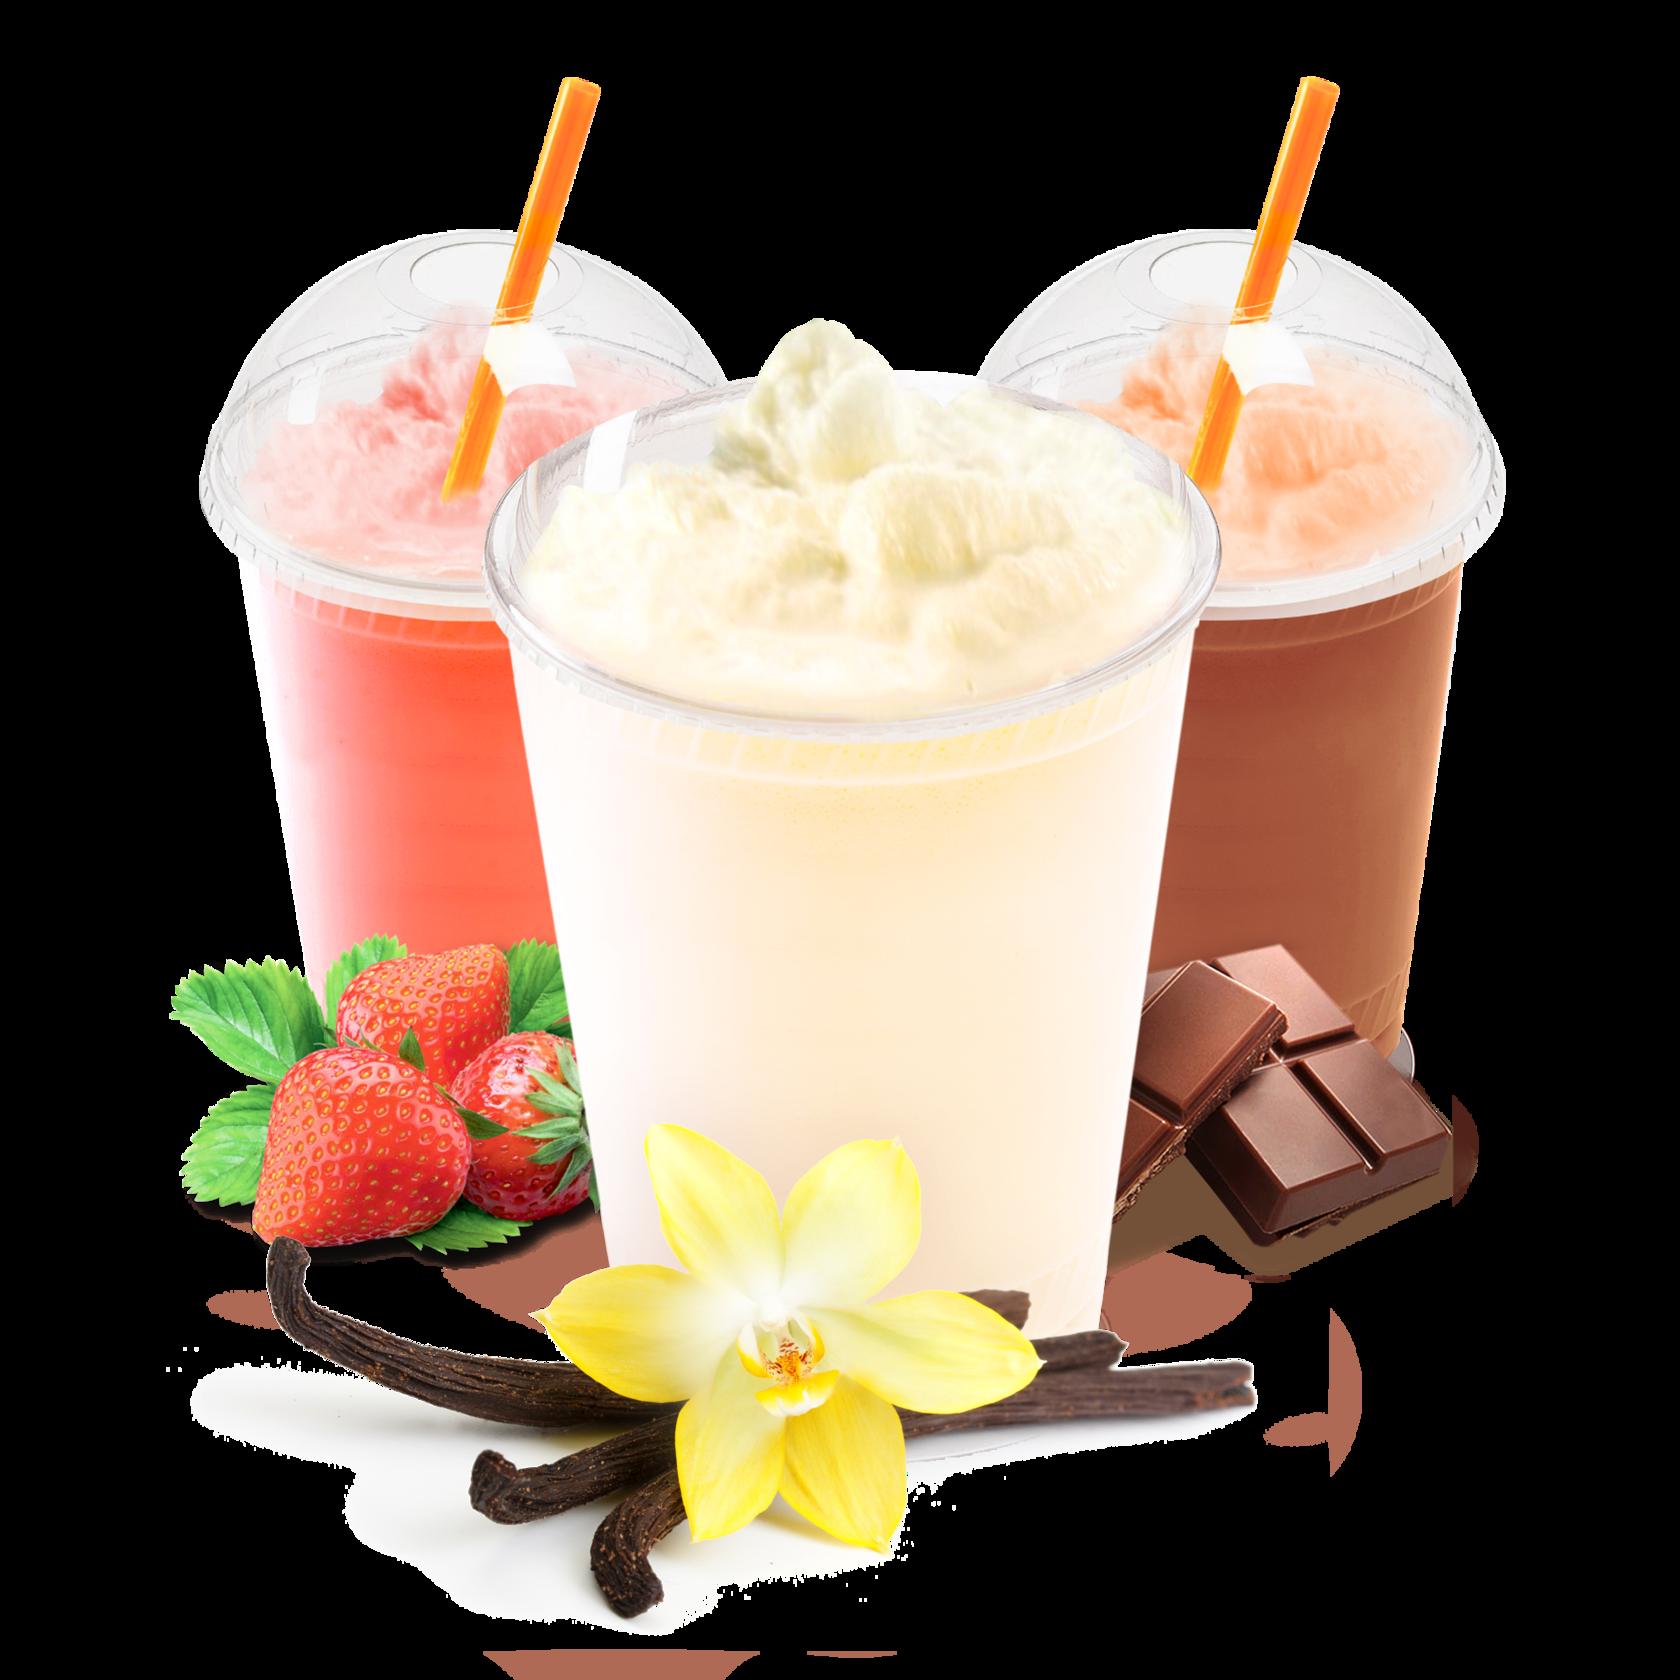 Картинки молочных коктейлей в качестве